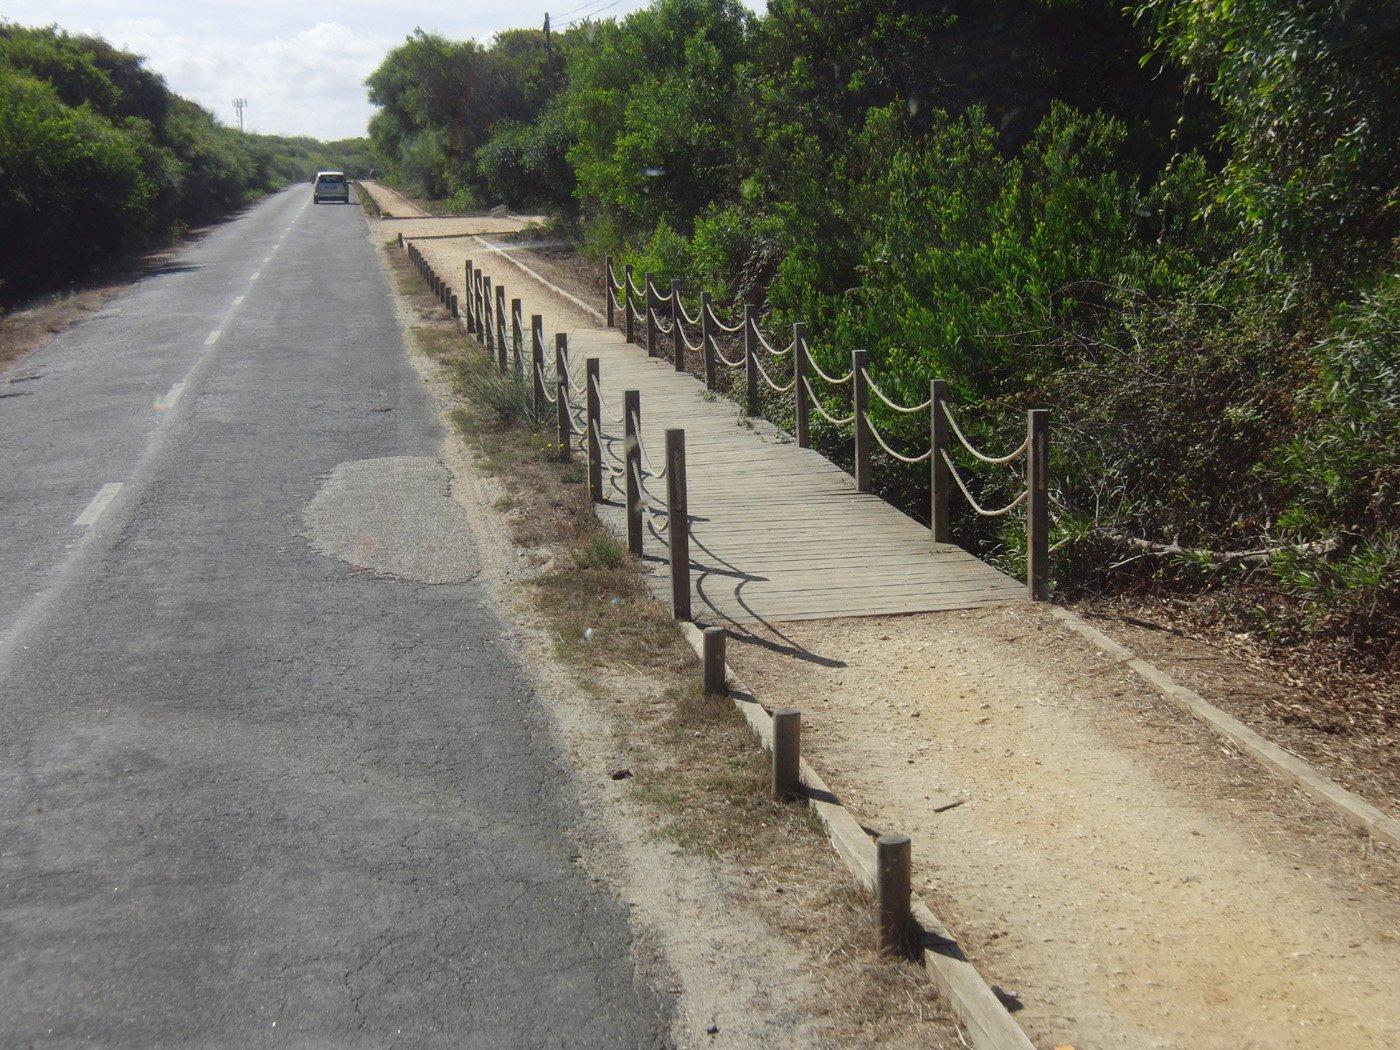 Strade con pista in terra laterale